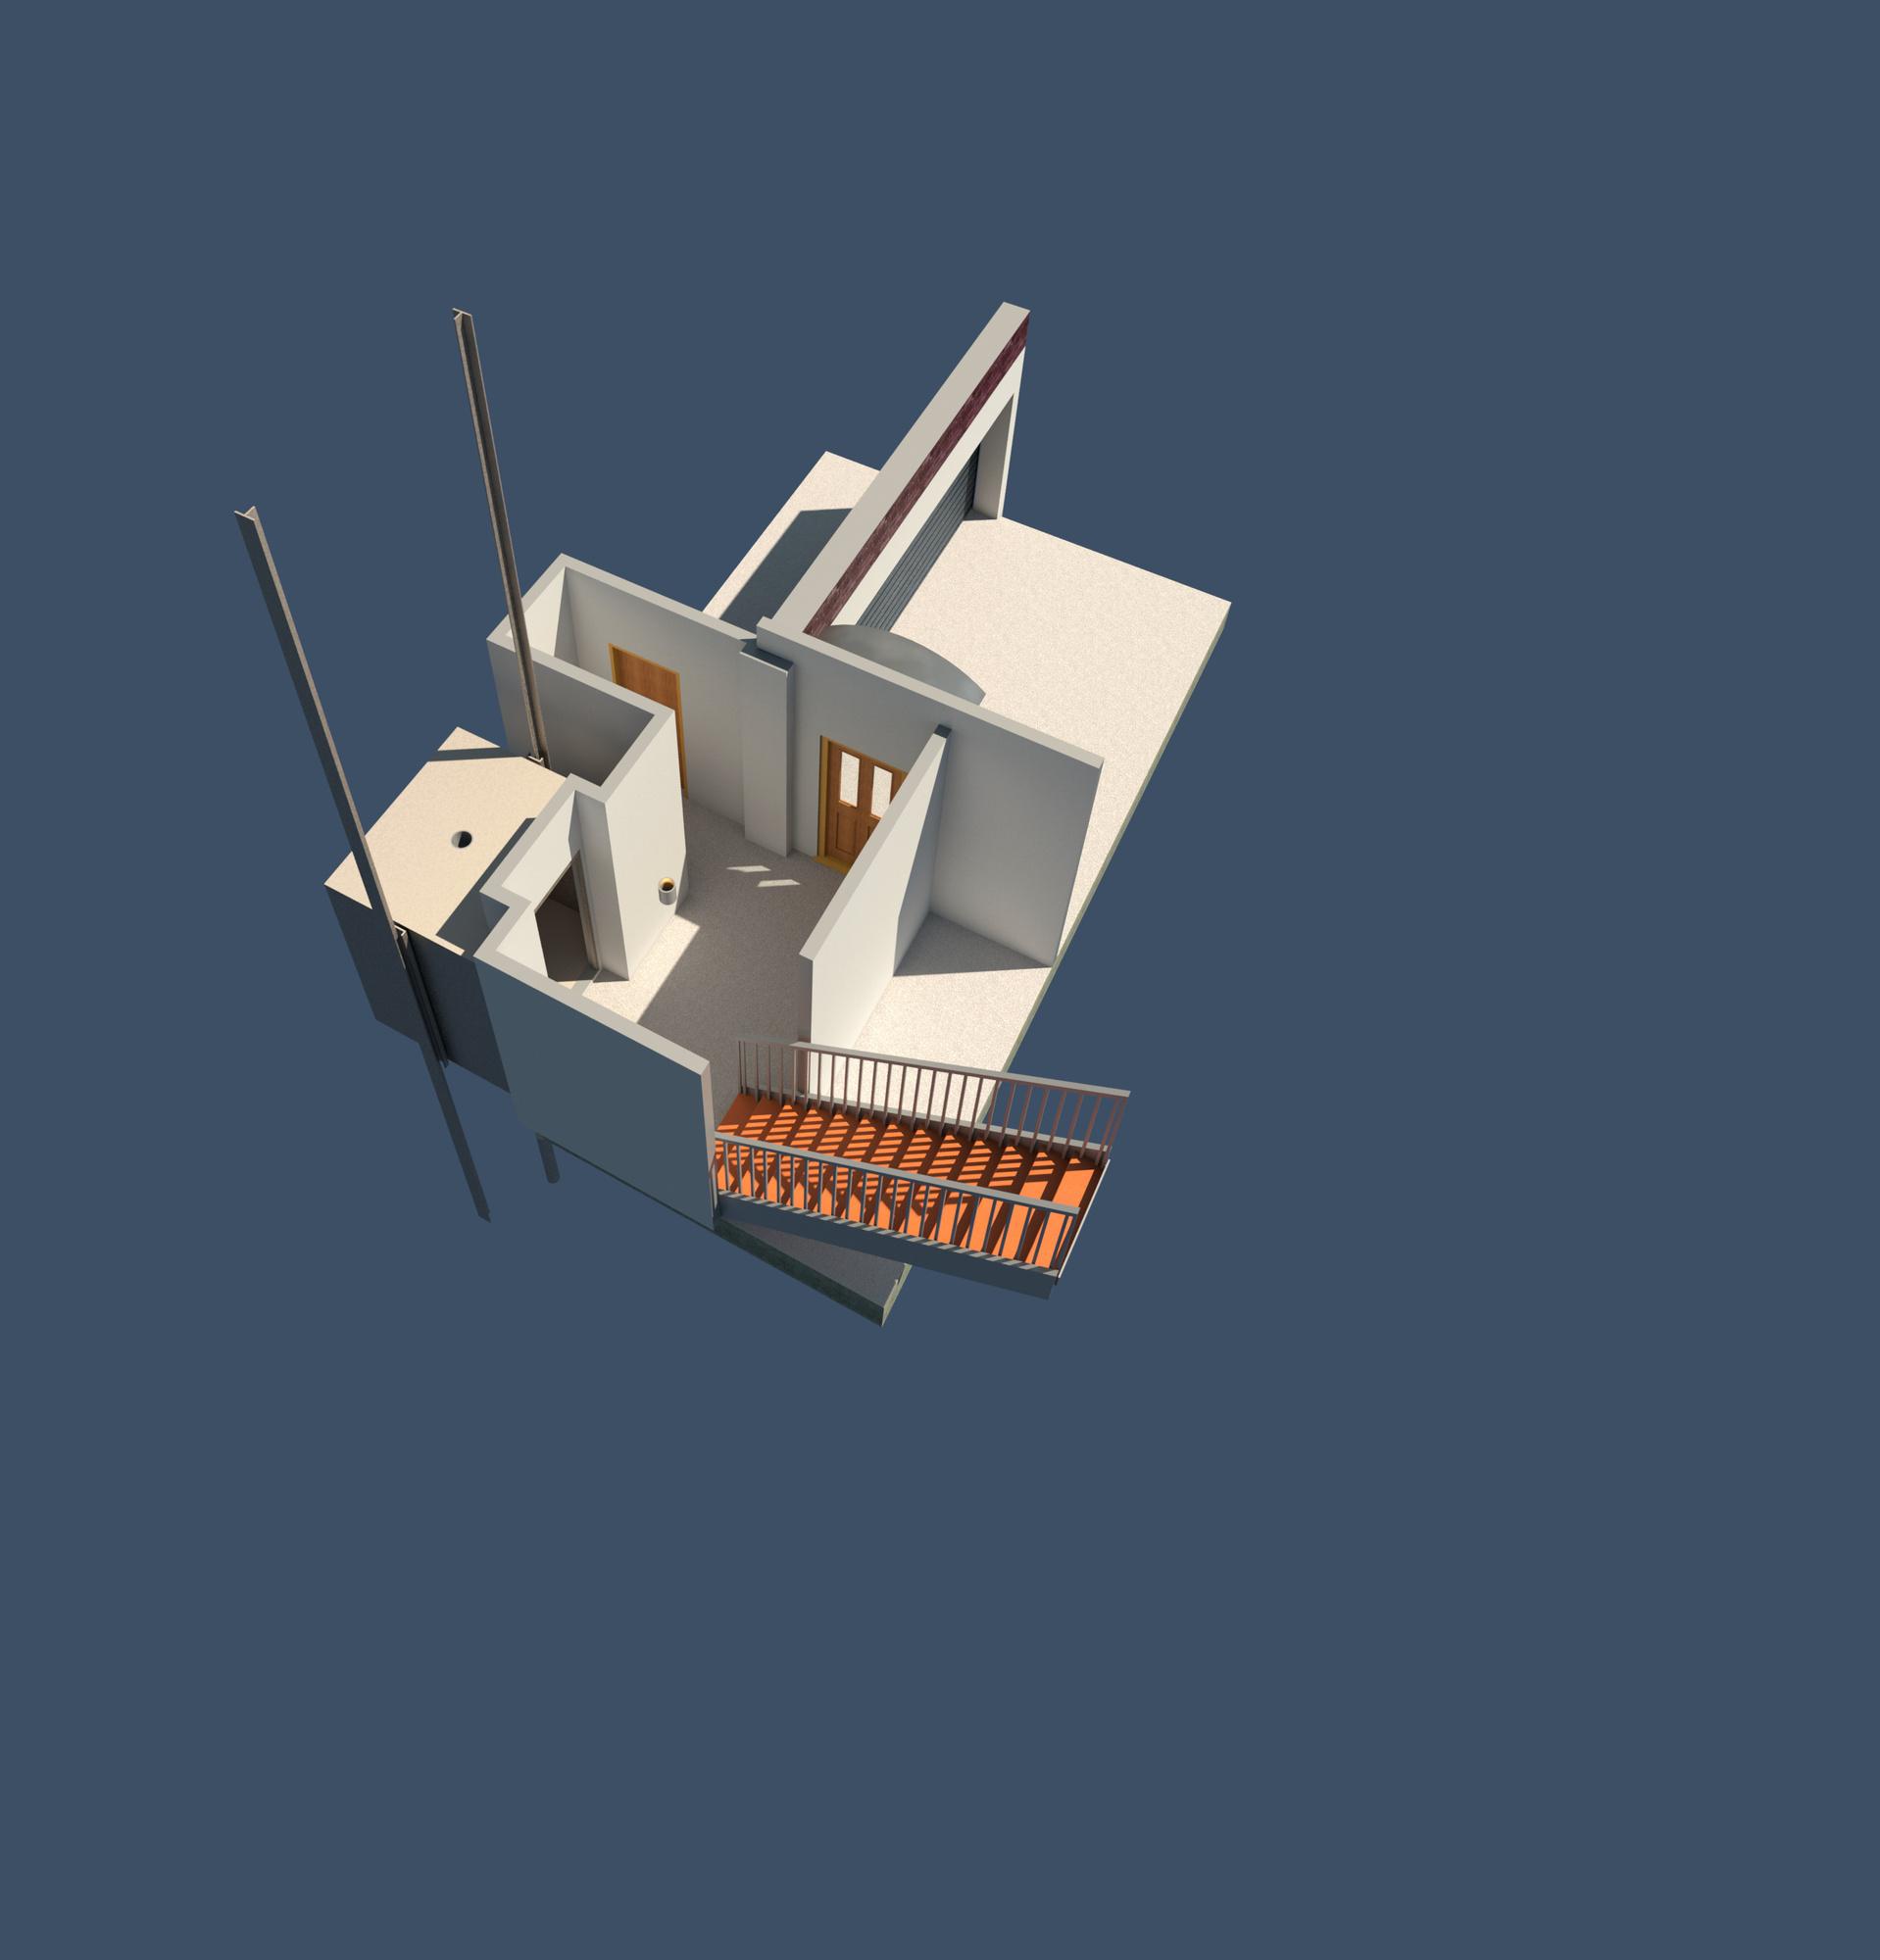 Raas-rendering20150312-27816-x6jfsp